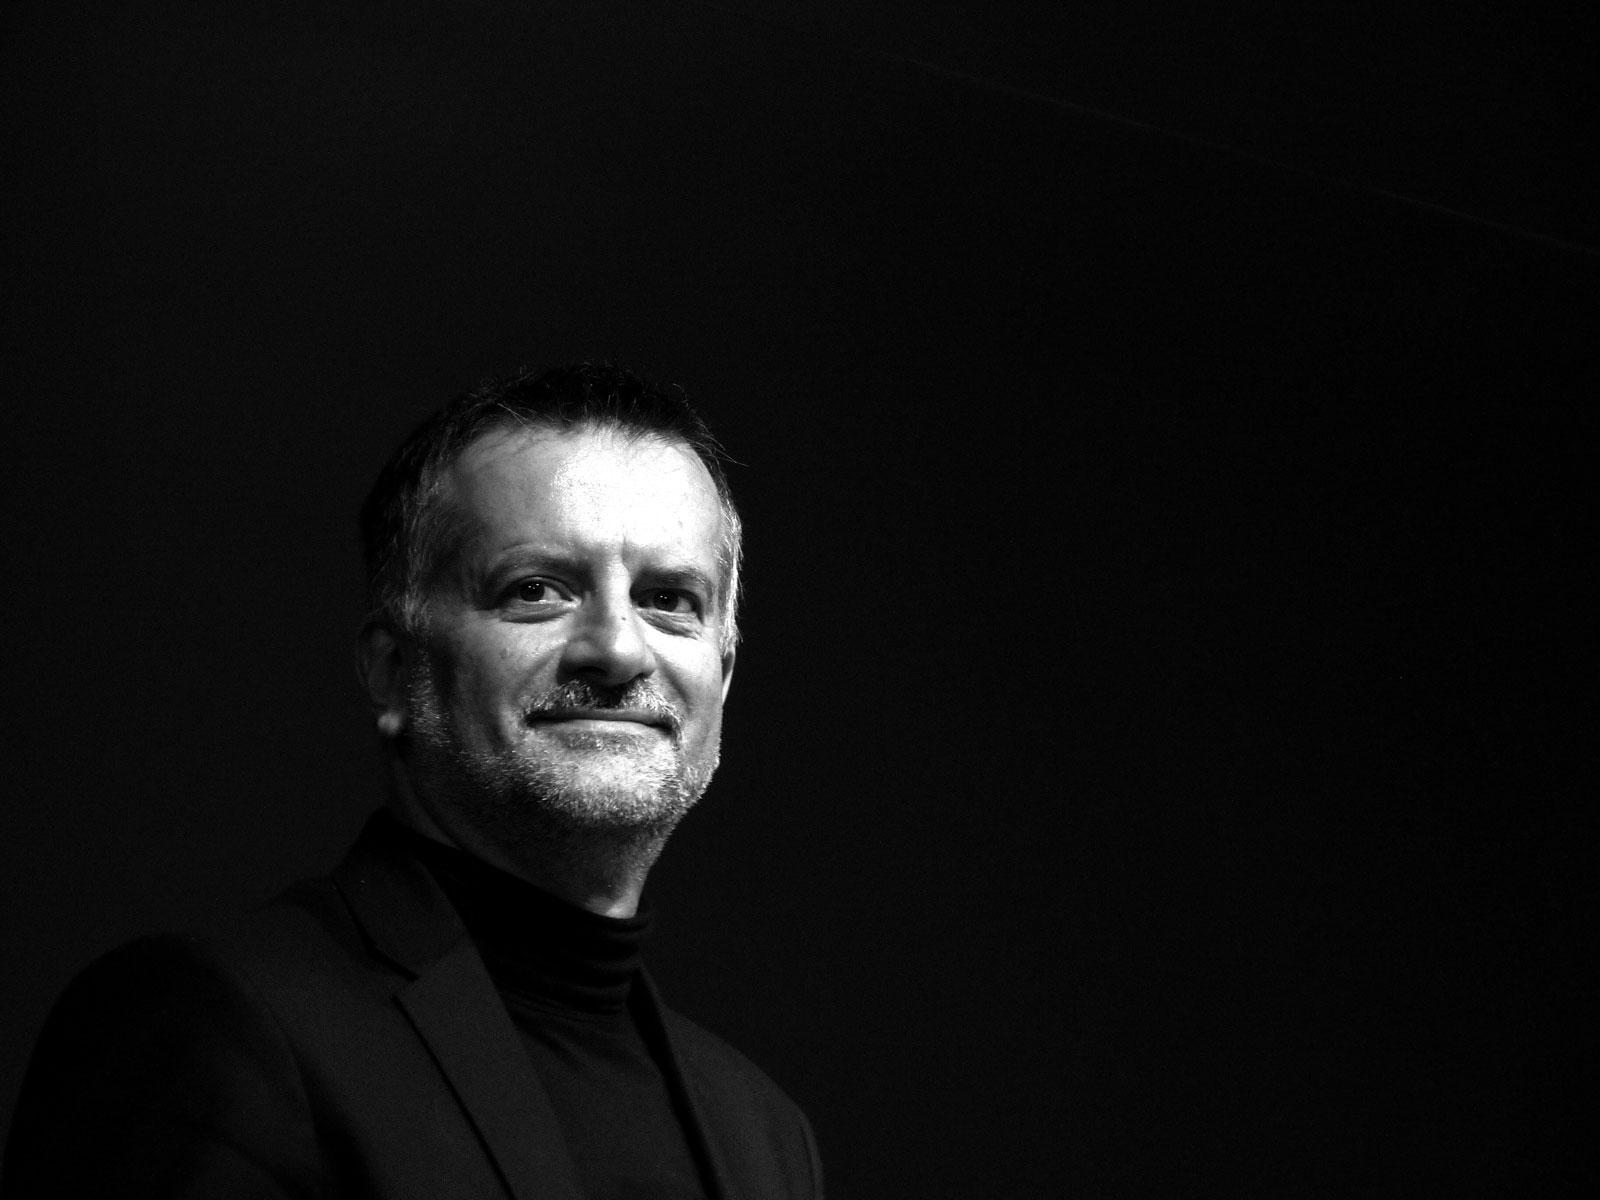 Arturo Tallini - Sorriso